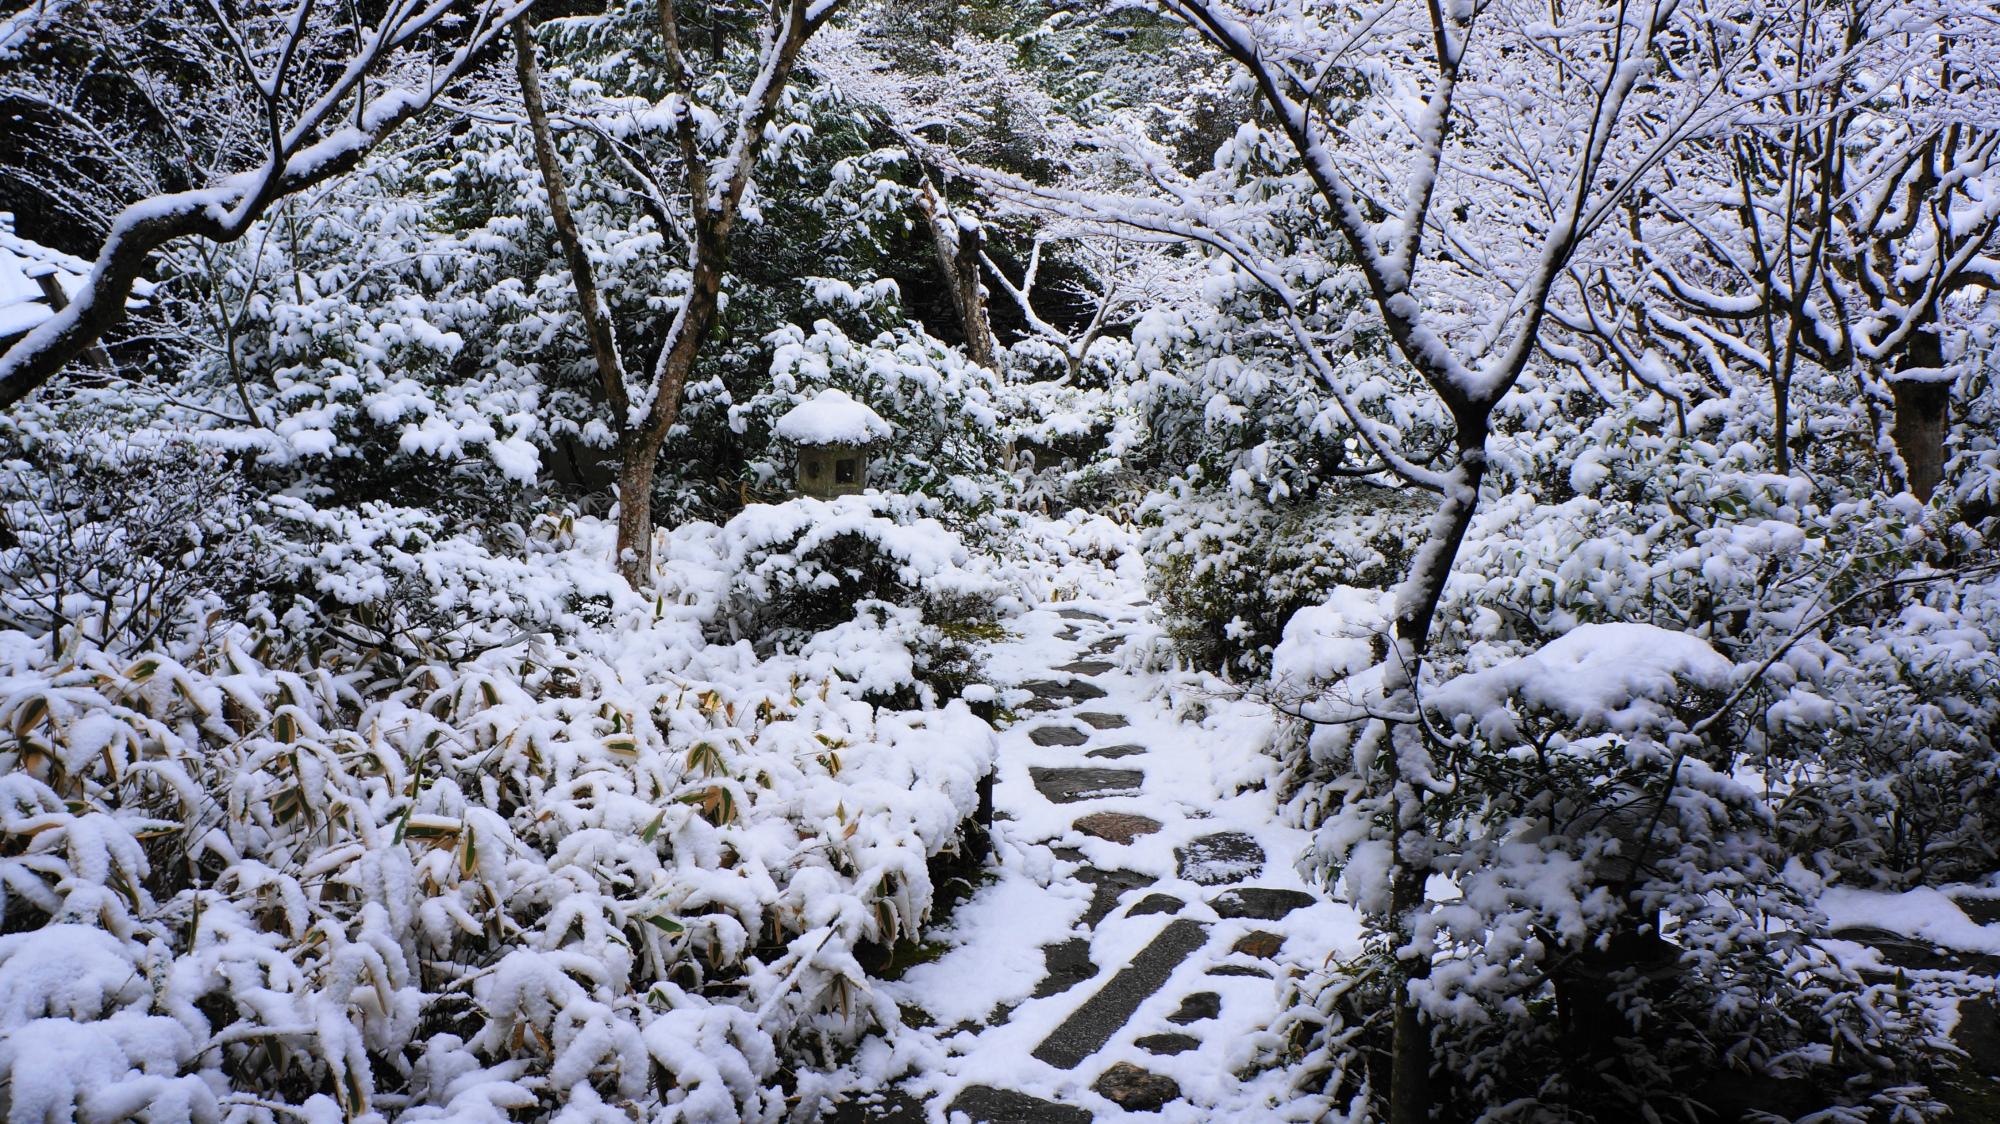 高桐院の客殿西庭の雪景色